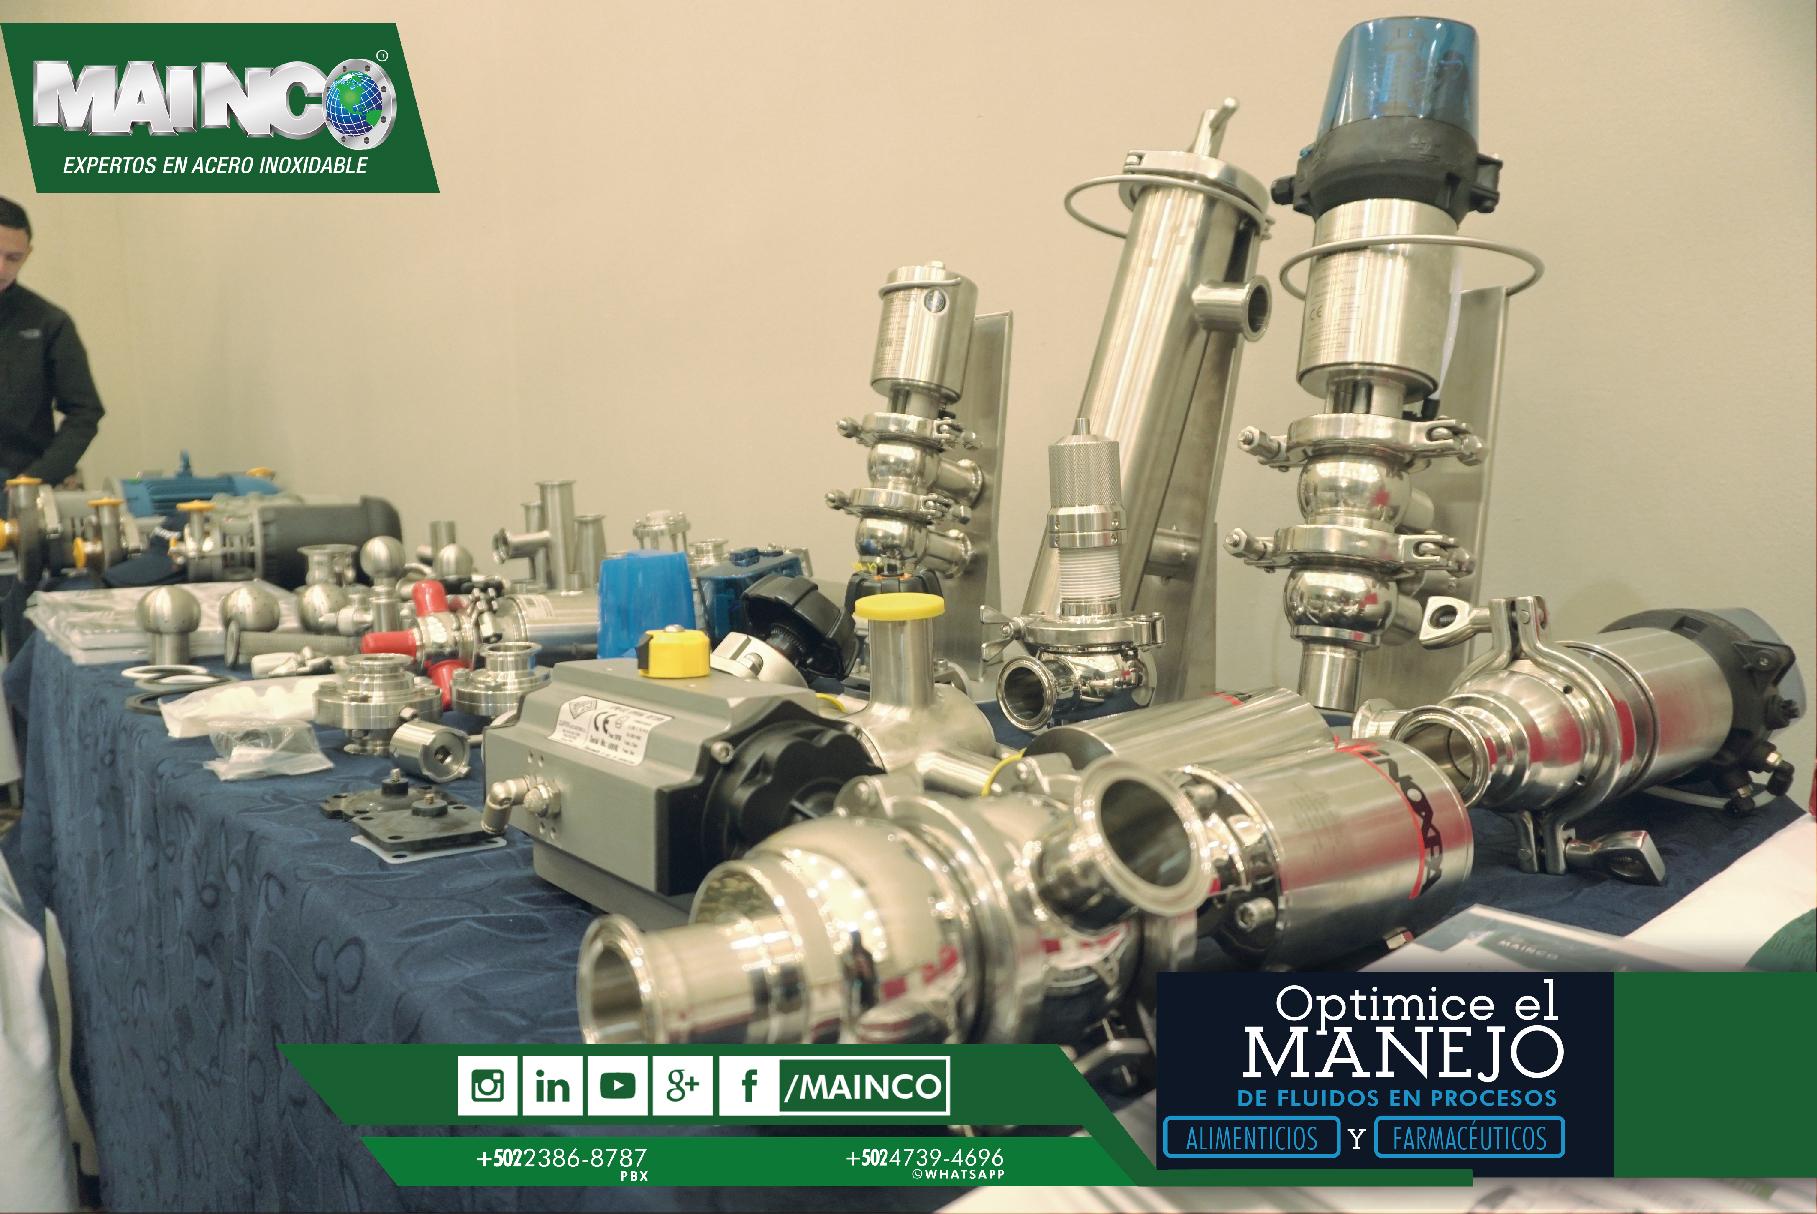 imagen 2 galeria Seminario Optimice el manejo de fluidos en procesos alimenticios y farmacéuticos